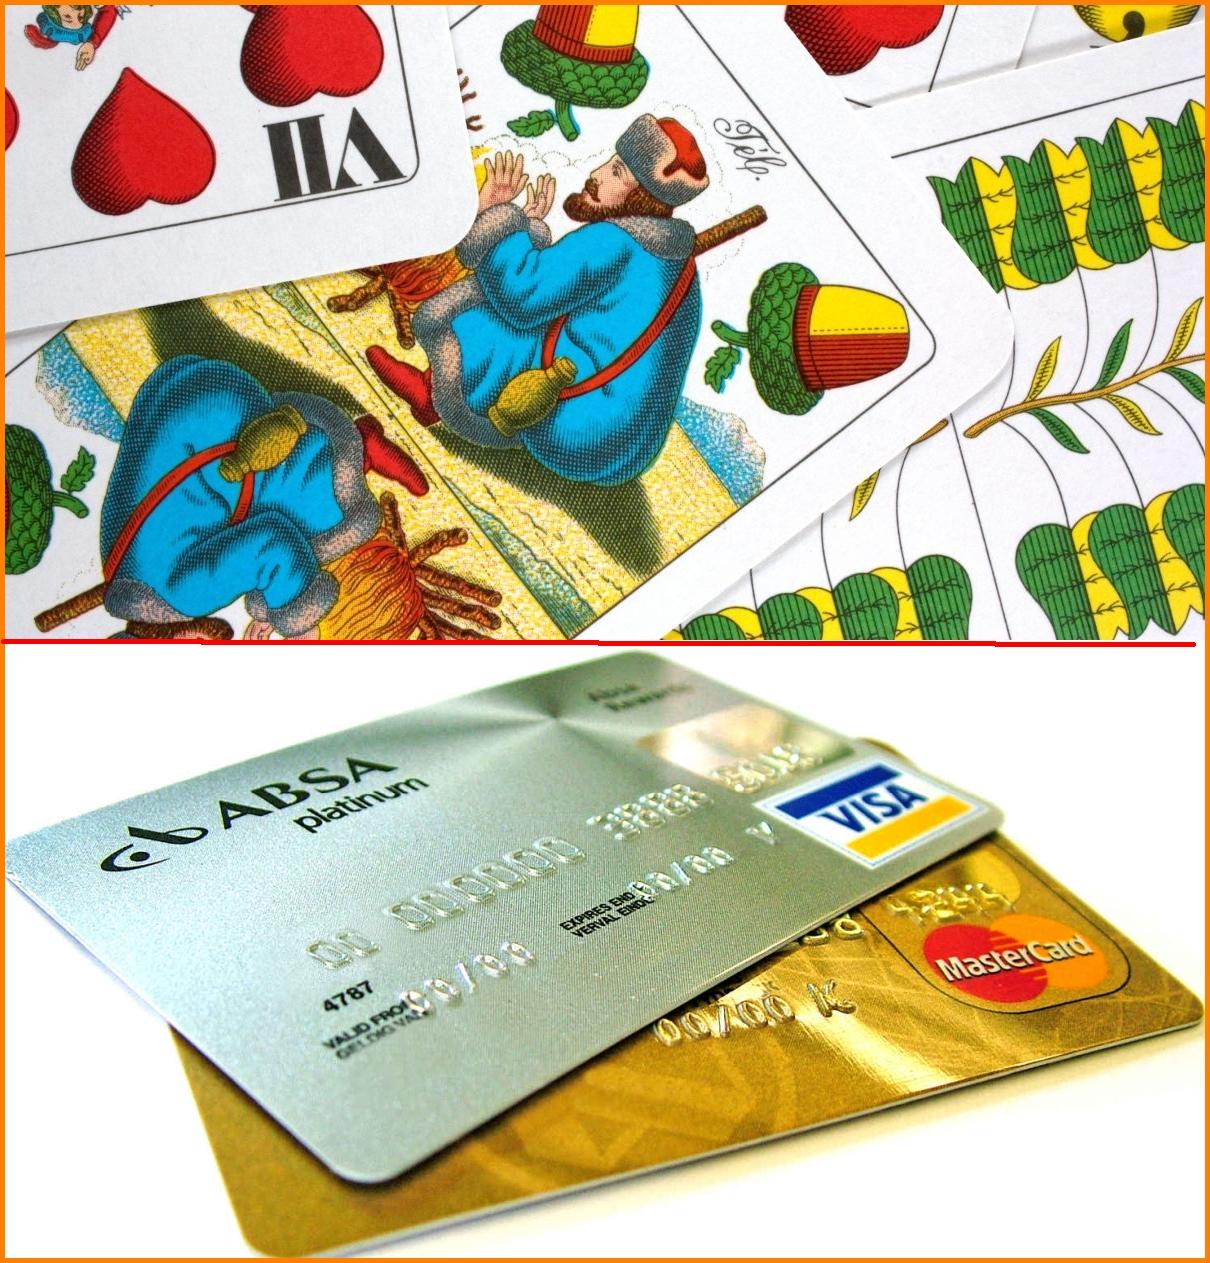 '...míg a kártya valamikor csak a zsugát jelentette, most már van bankkártya, telefonkártya, benzinkártya stb.'